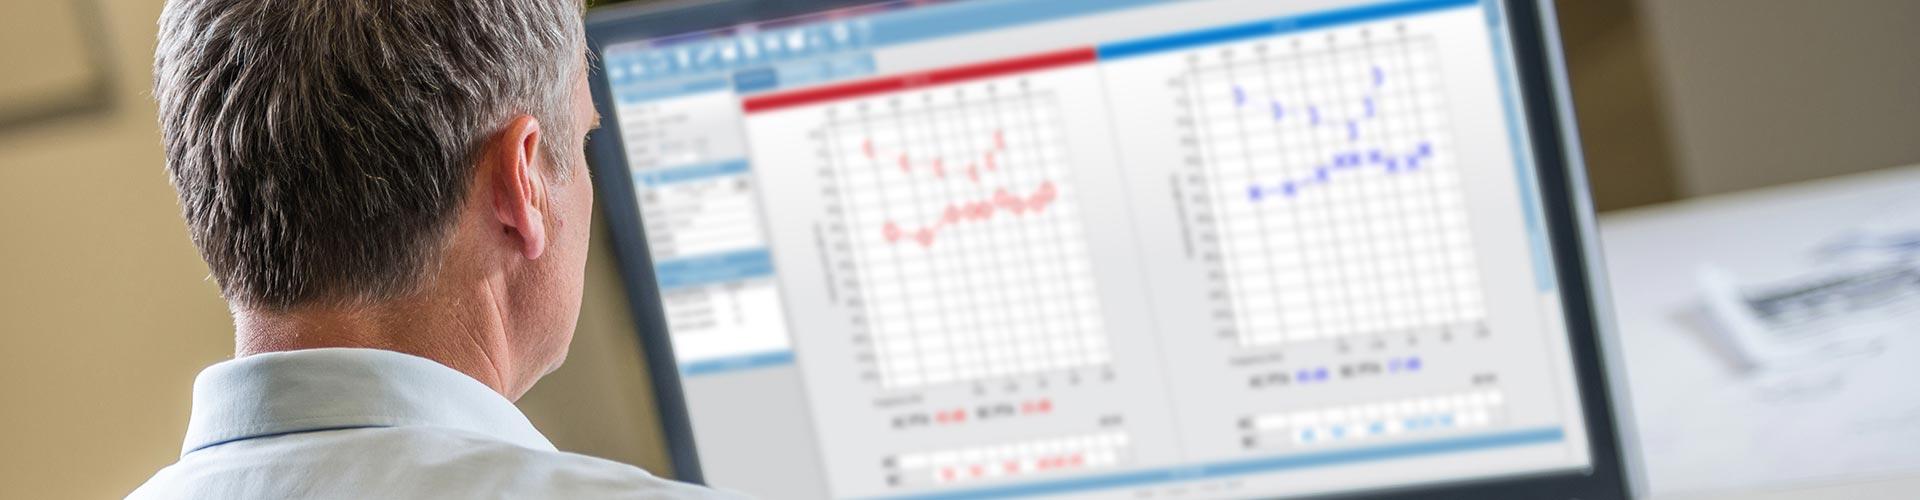 Audiologist emr data management